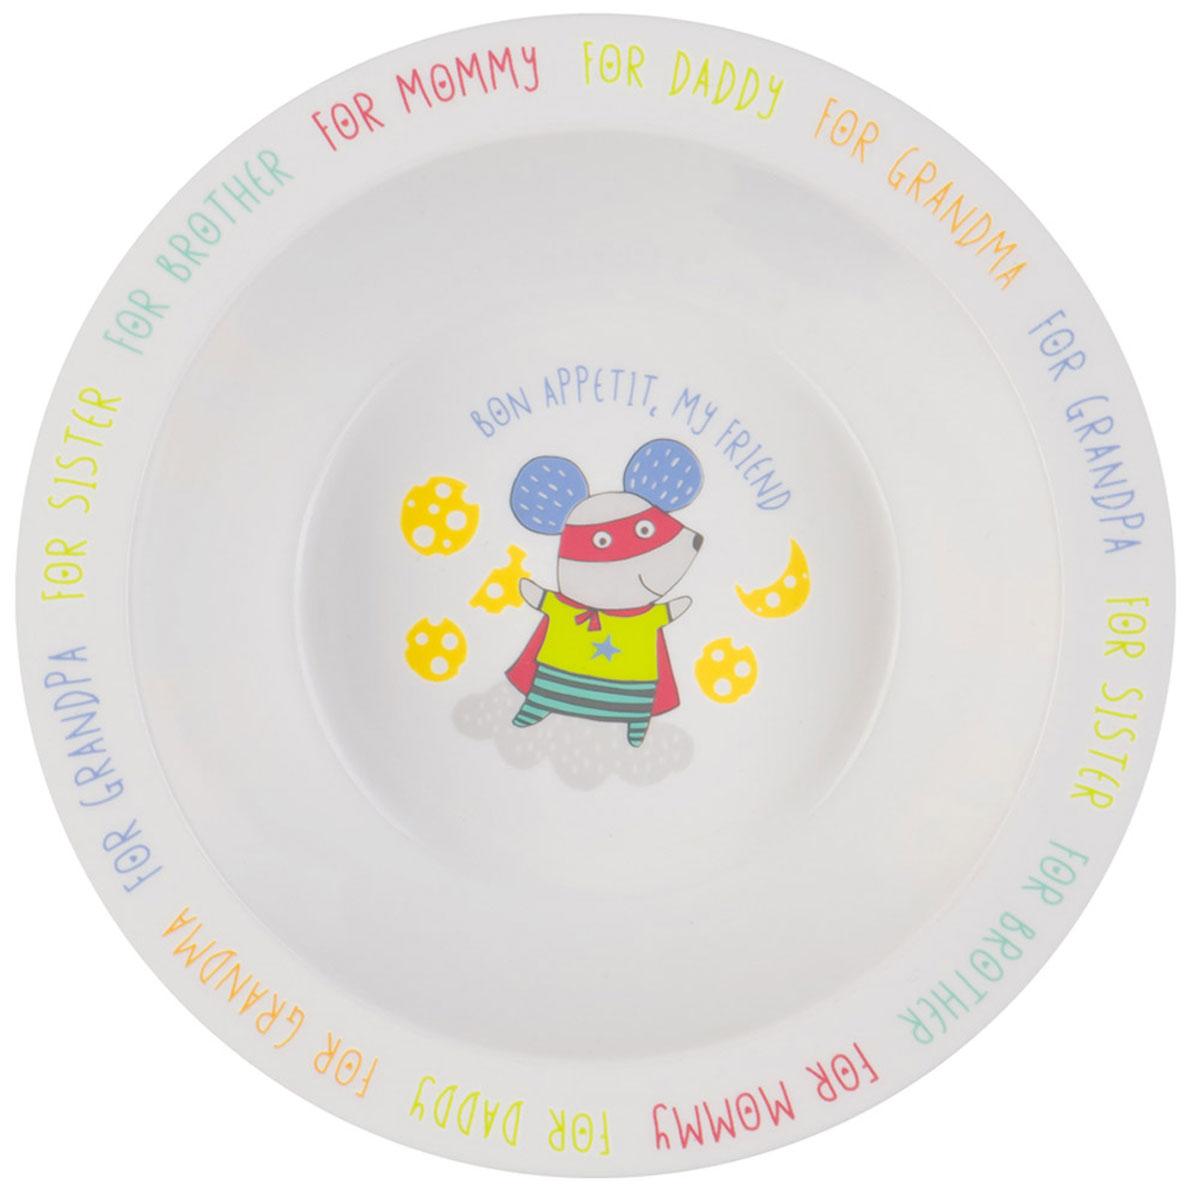 Happy Baby Тарелка детская Мышка15016 NEW_мышкаТарелка детская Happy Baby Мышка изготовлена из безопасного материала.Тарелочка, оформленная веселой картинкой, понравится и малышу, и родителям! Ребенок будет с удовольствием учиться кушать самостоятельно. Тарелочка подходит для горячей и холодной пищи.Яркий дизайн тарелки превращает процесс кормления в увлекательную игру.Можно использовать в СВЧ-печи и мыть в посудомоечной машине.Подходит для детей от 6 месяцев.